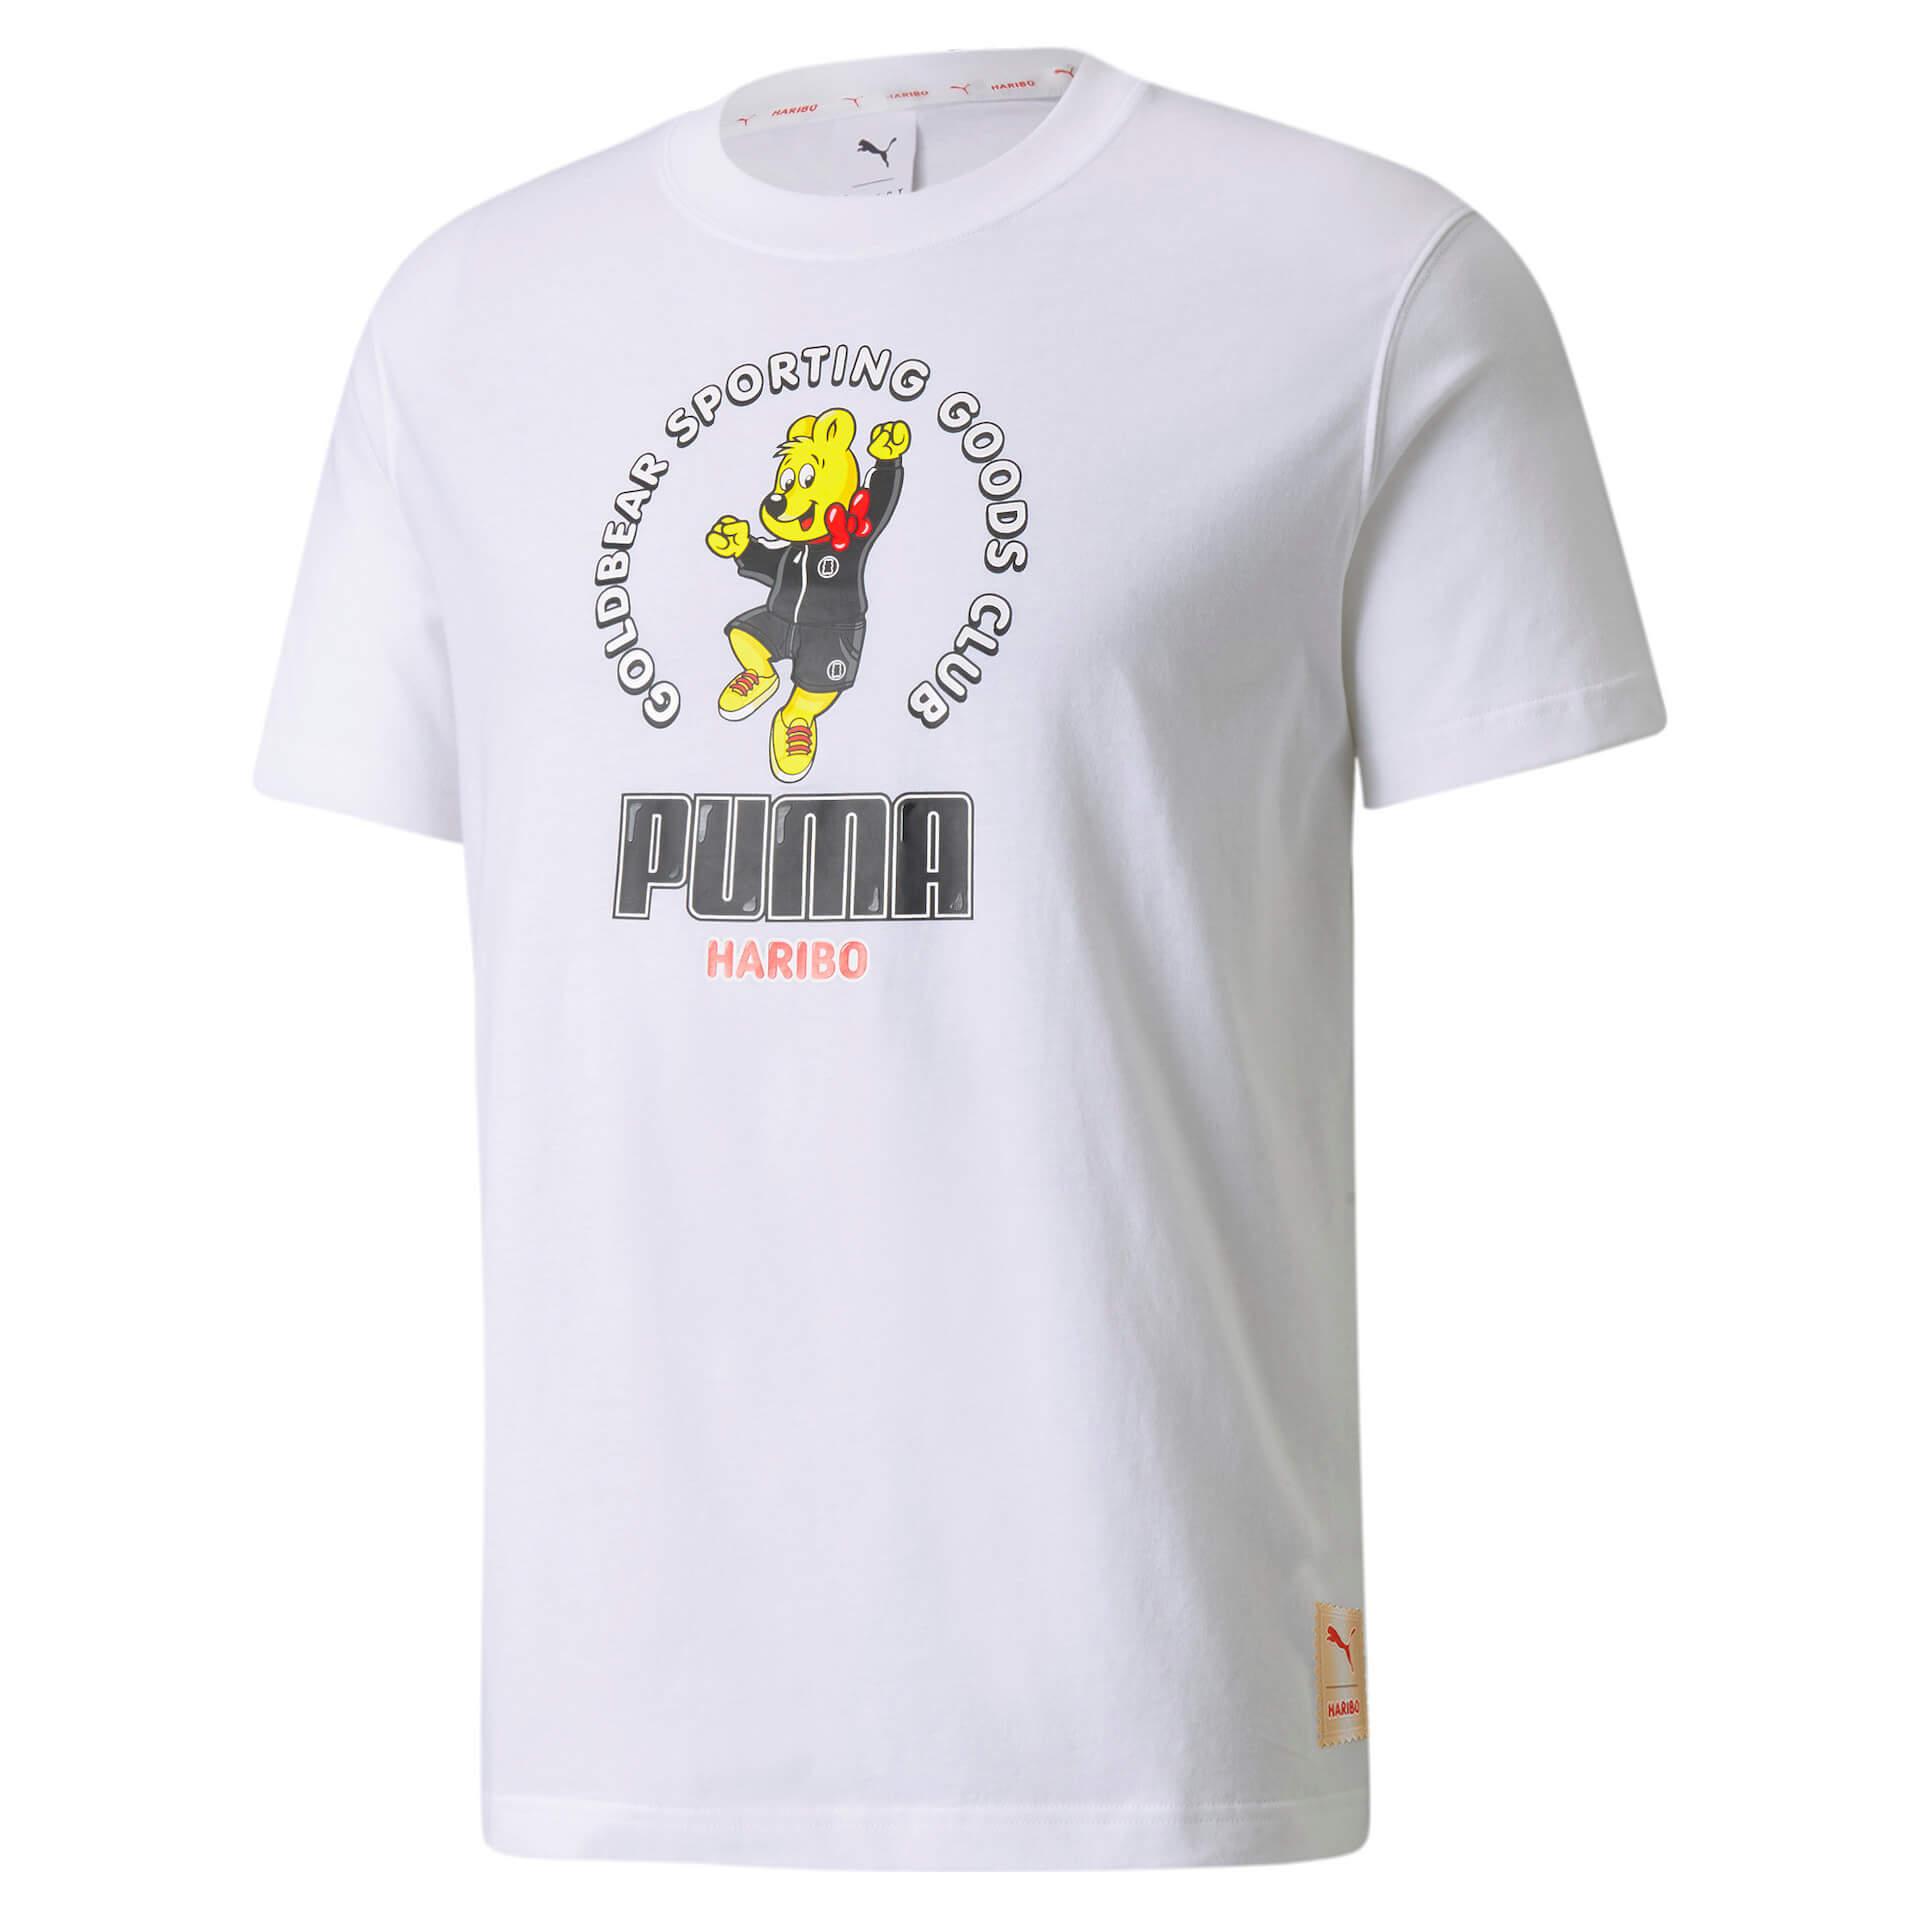 プーマとHARIBOのコラボコレクション第2弾が登場!厚底ソールの「RS-X3」&「PUMA SUEDE」ベースのスニーカーも life210701_puma_haribo_17